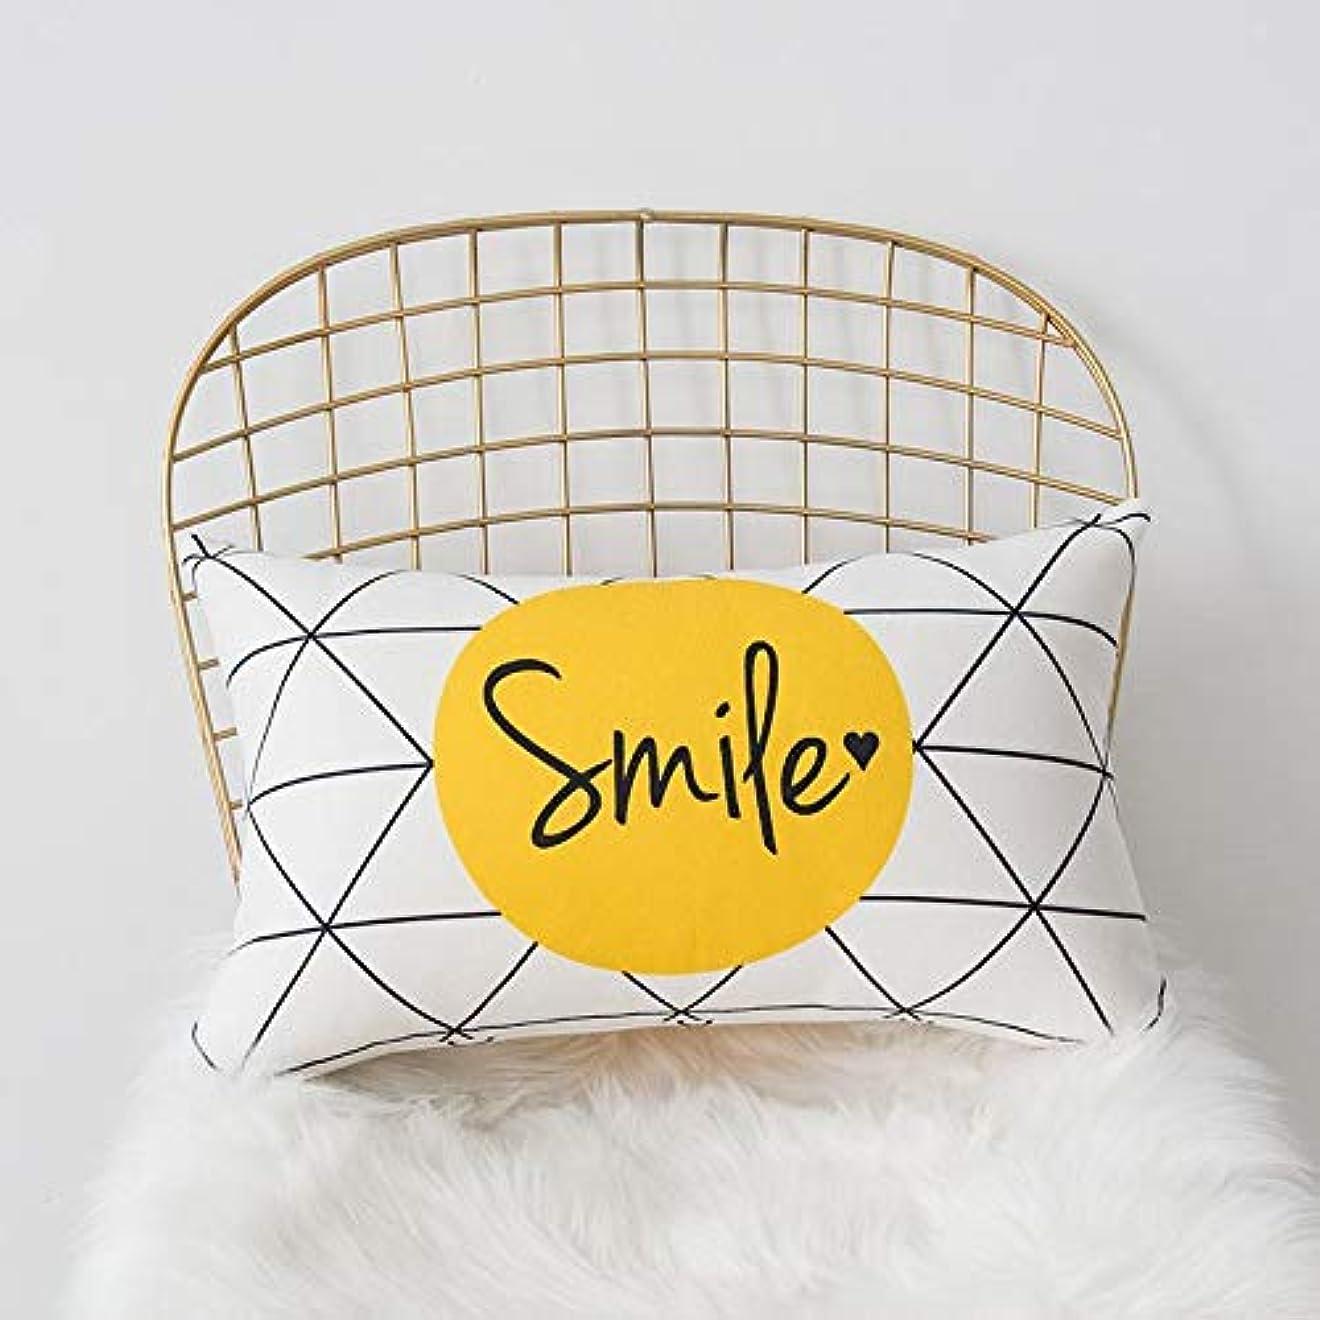 司法おんどりカプセルSMART 黄色グレー枕北欧スタイル黄色ヘラジカ幾何枕リビングルームのインテリアソファクッション Cojines 装飾良質 クッション 椅子